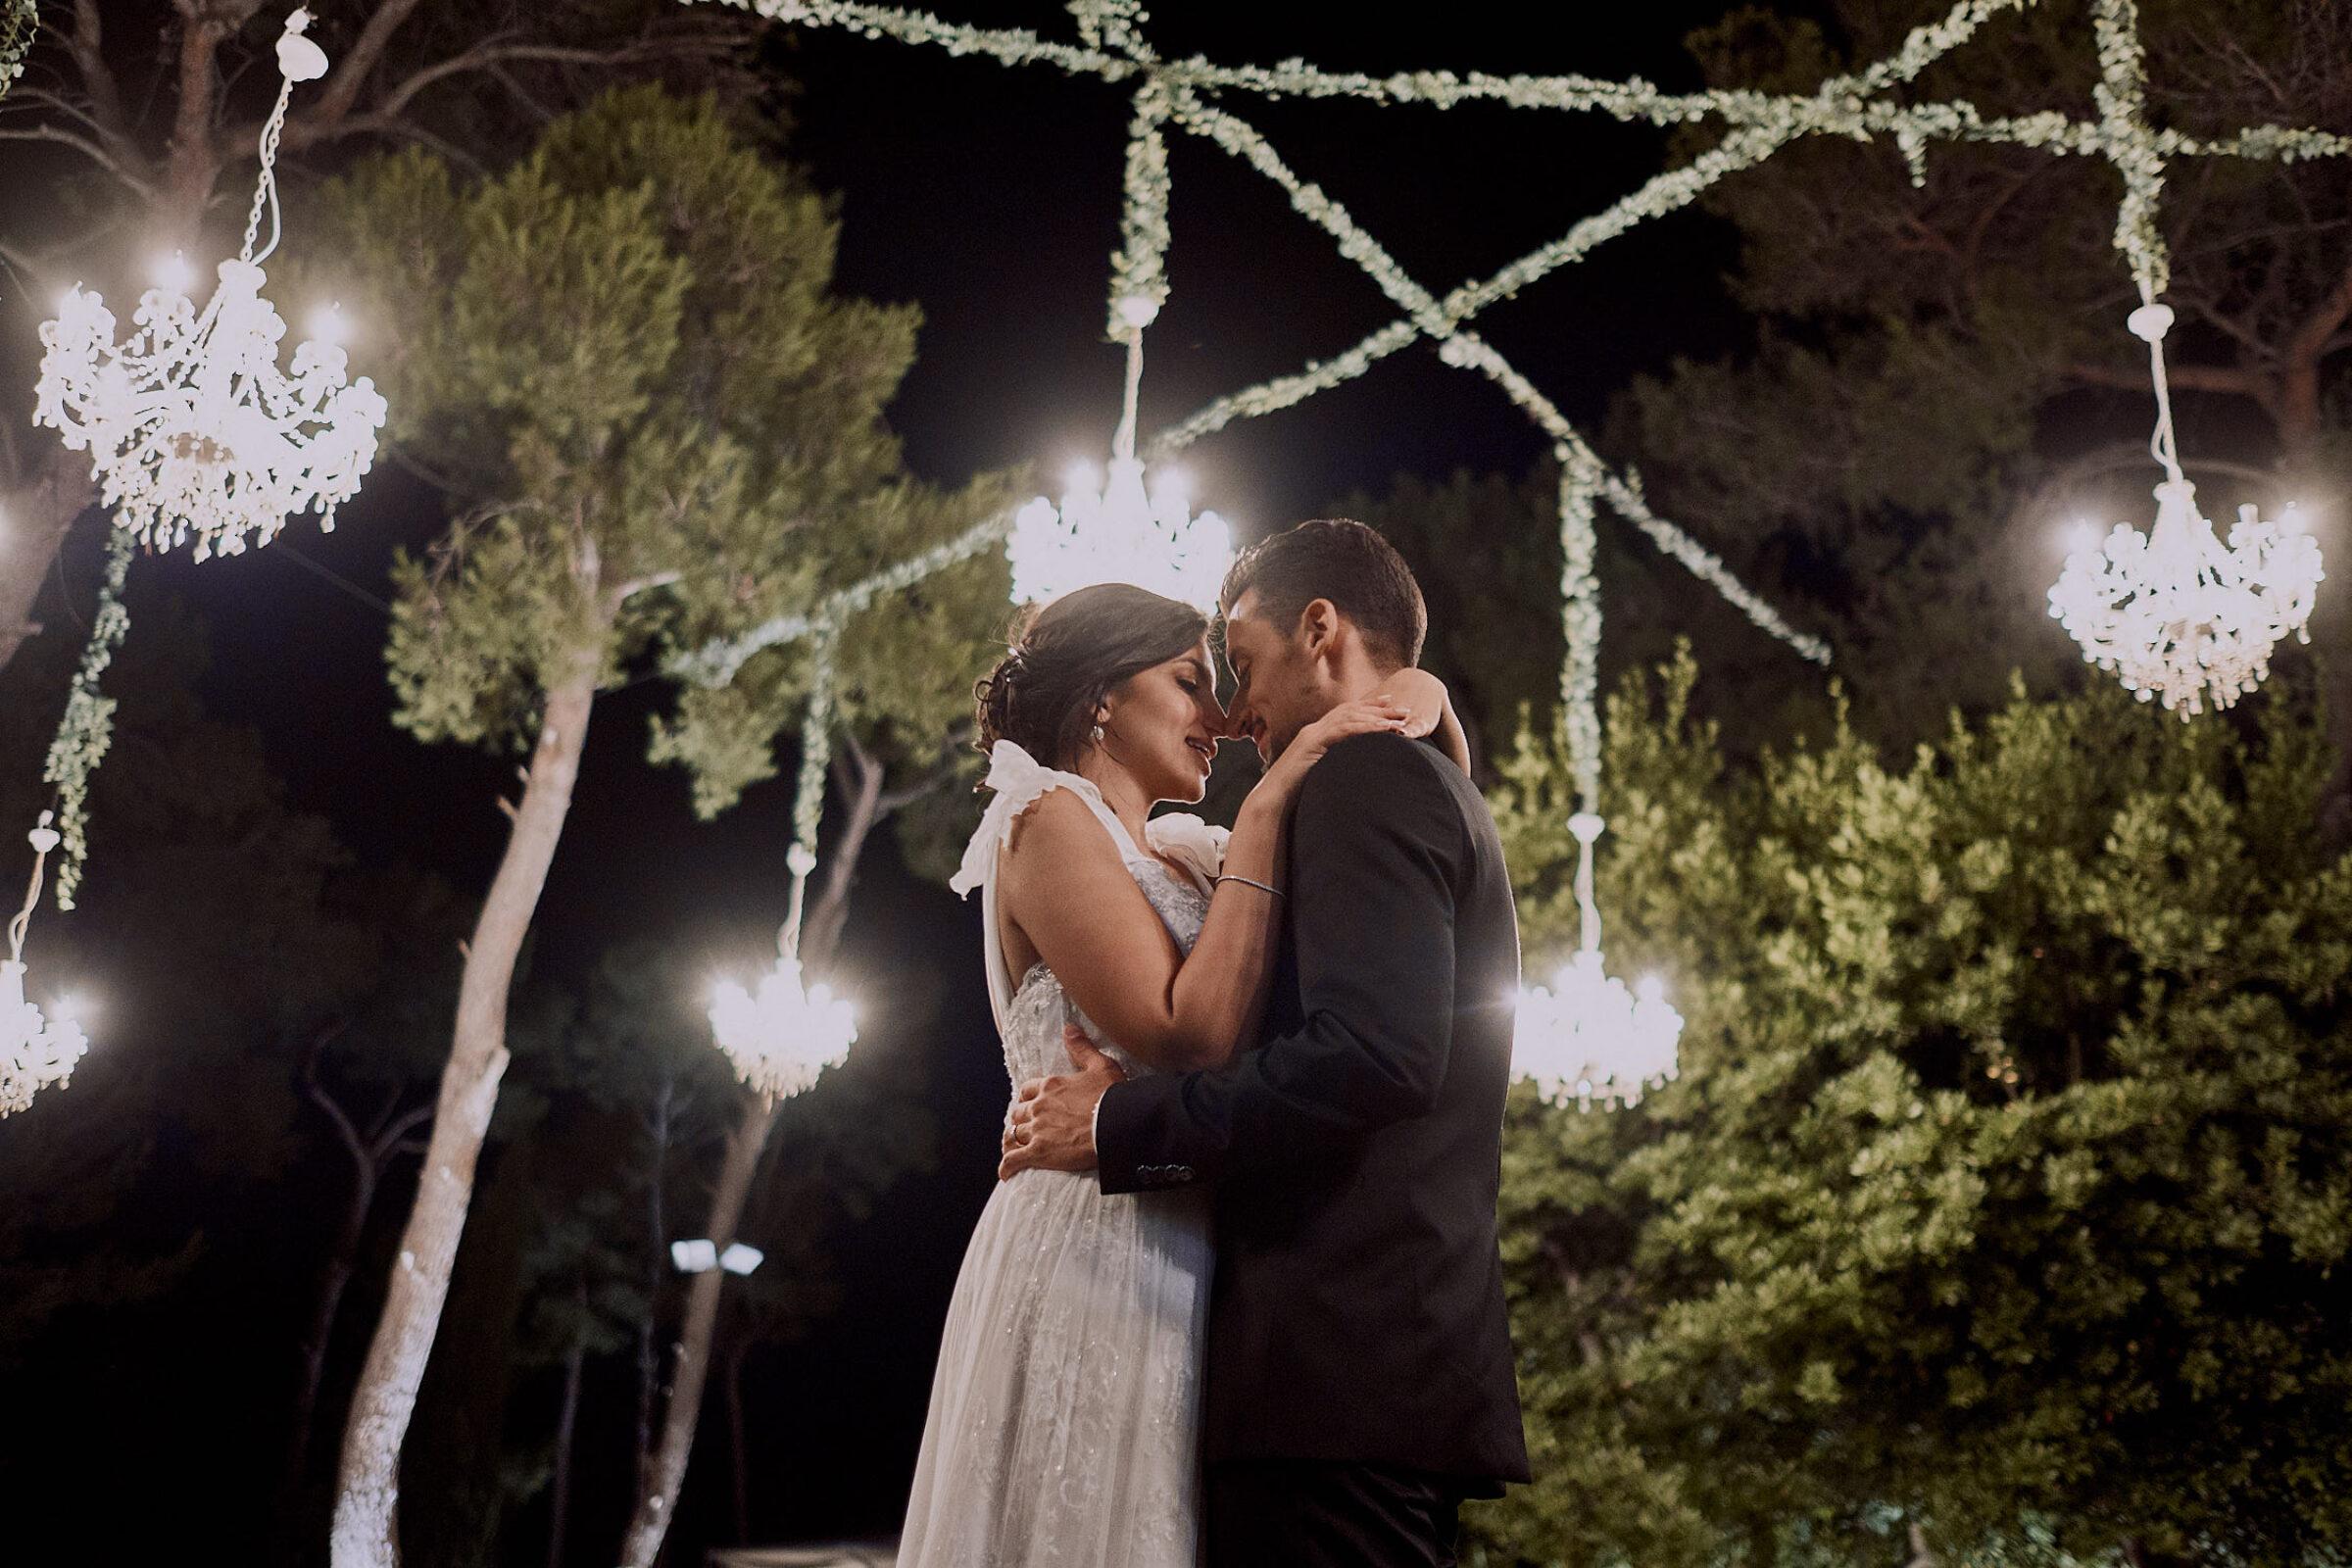 reportage matrimonio Matteo + Giorgia